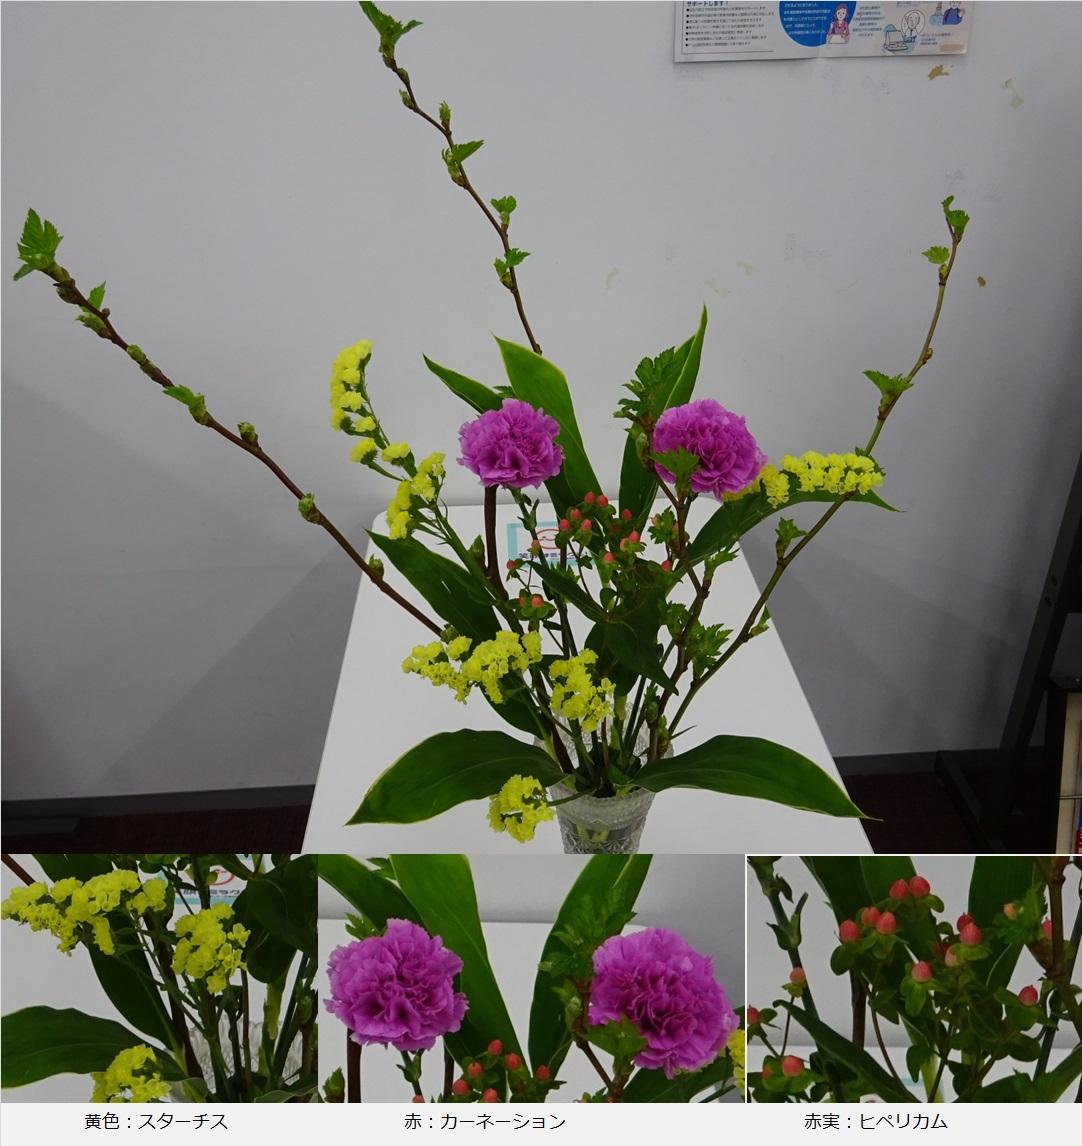 ◇今週のお花◇ 赤実はヒペリカム!